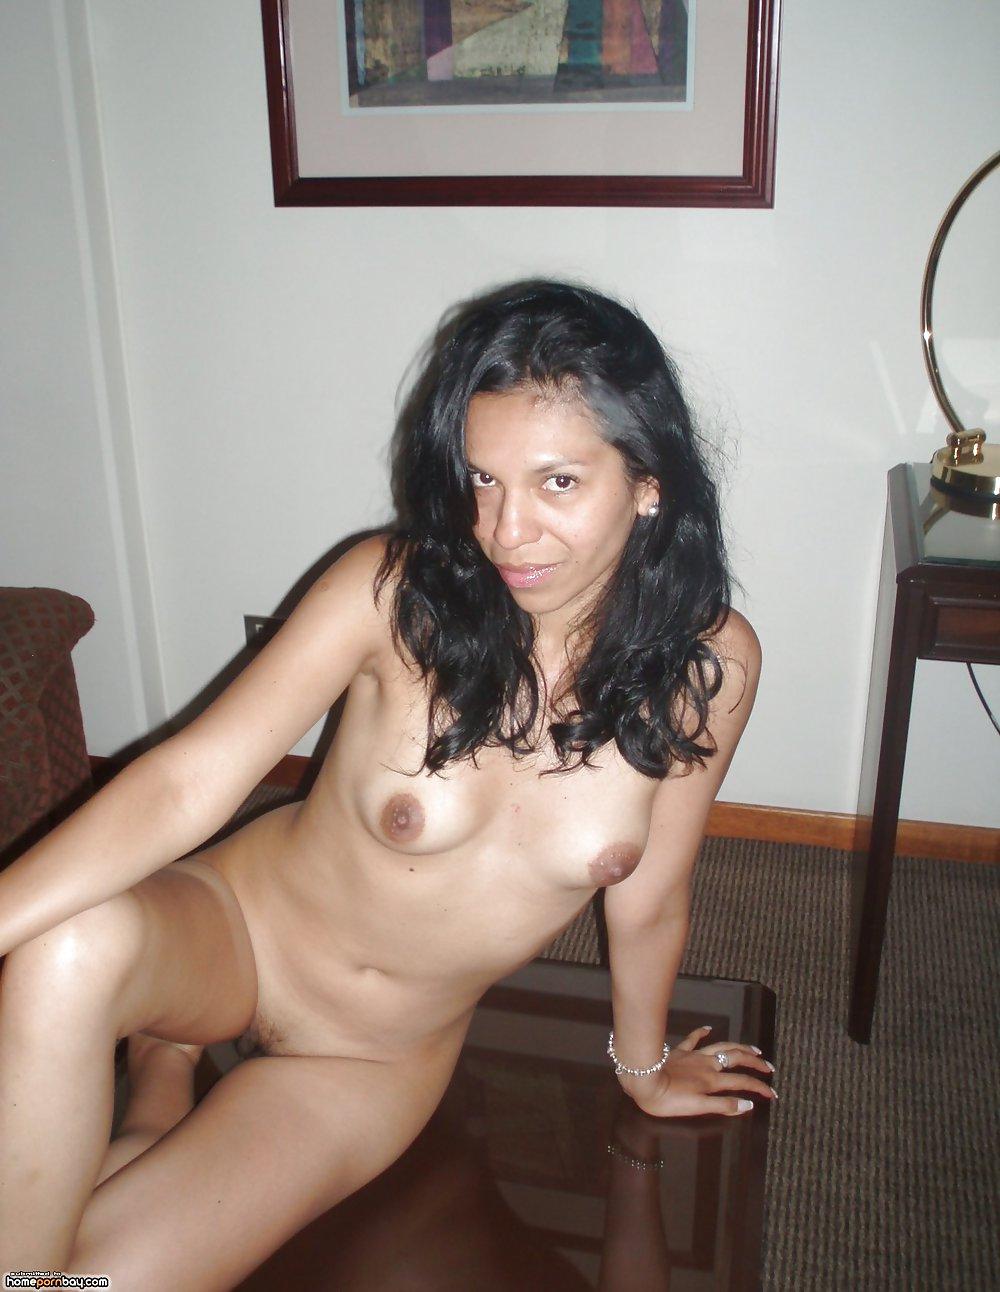 Exotic babe nude photoshoot